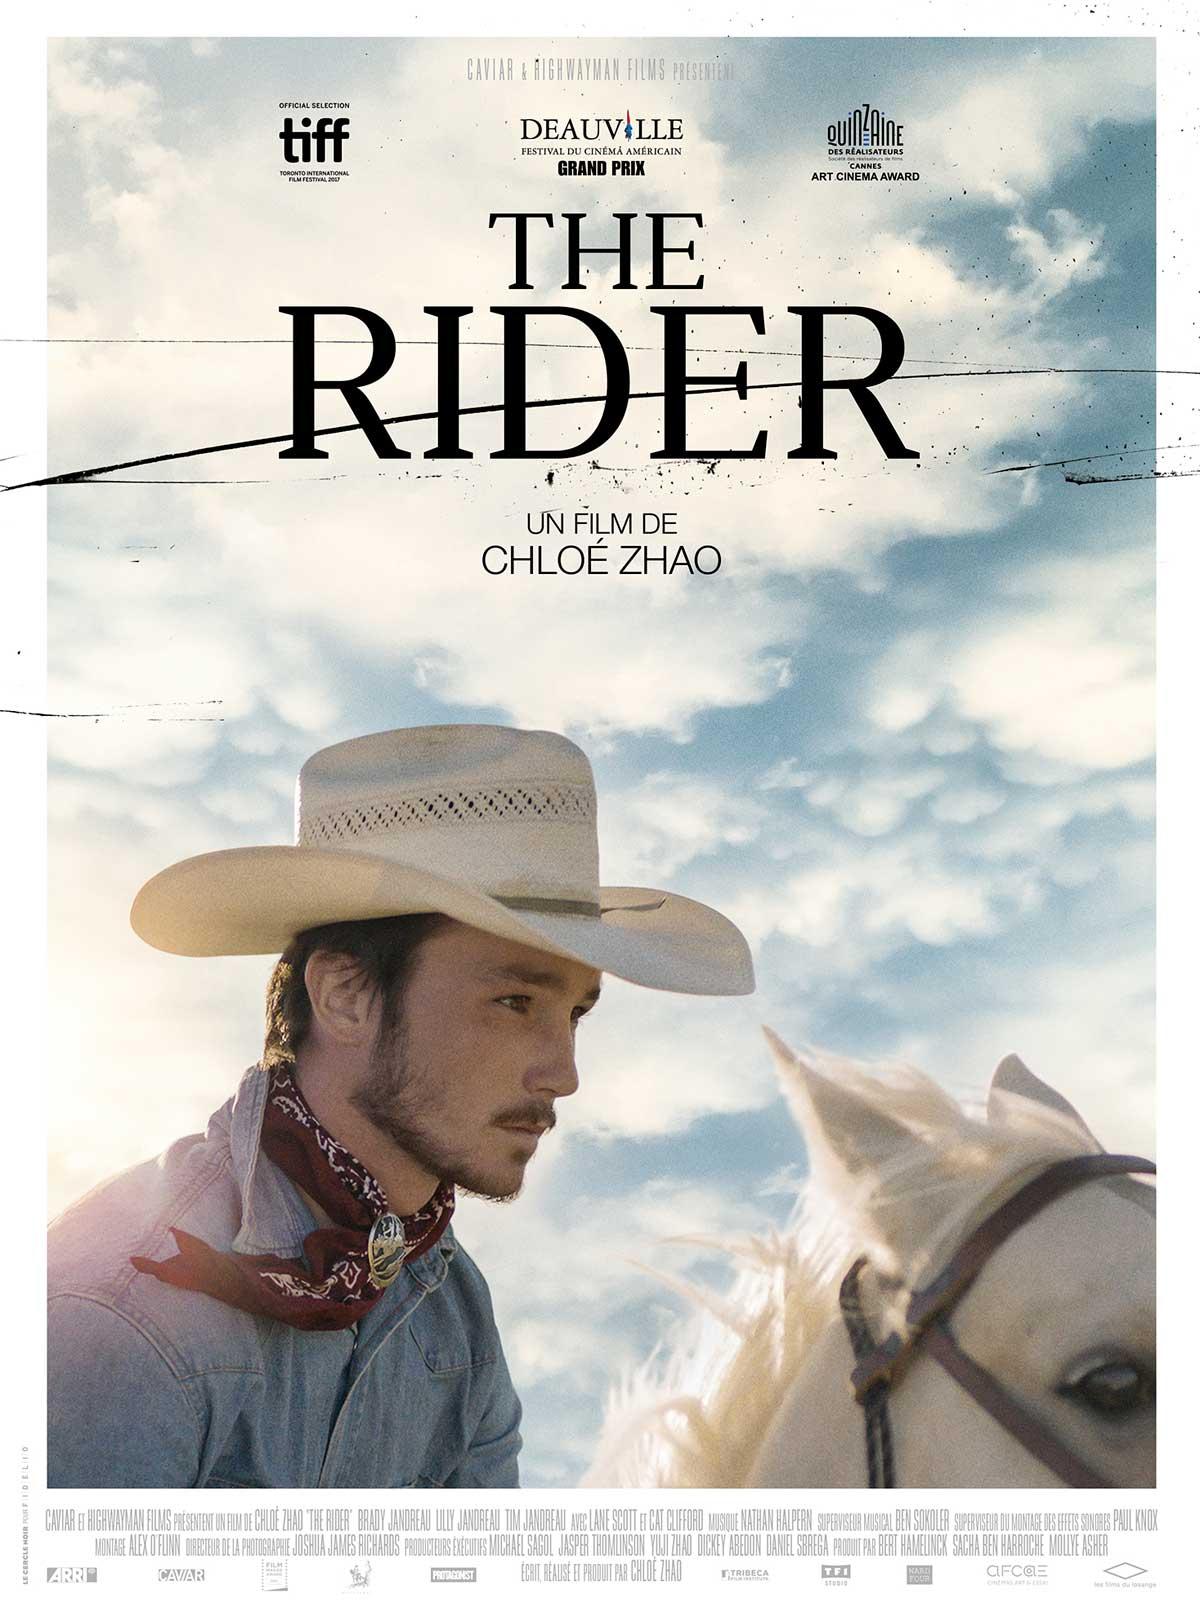 Affiche de The Rider, film de Chloé Zhao, 2018, article par françois graz